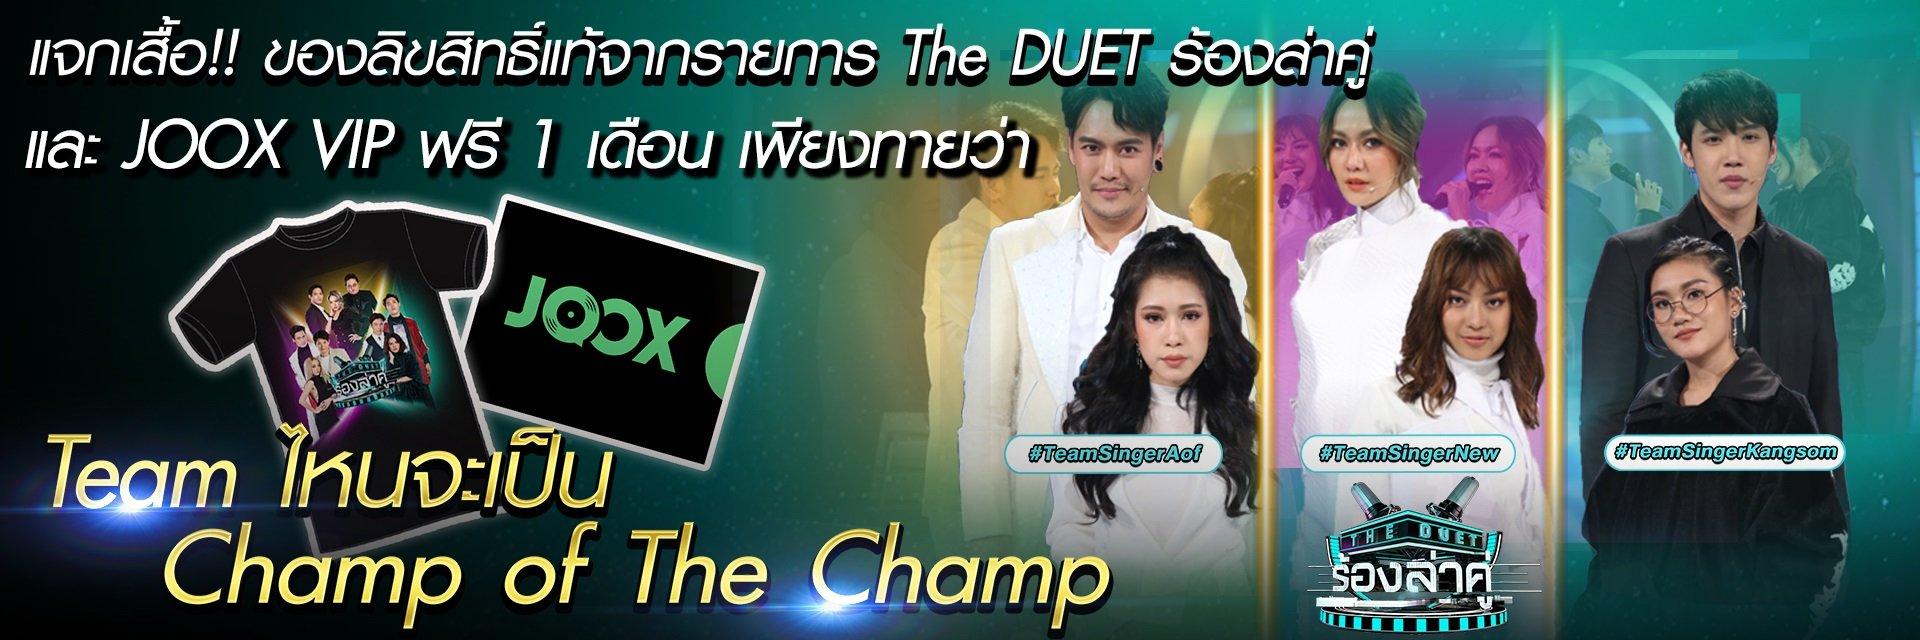 กิจกรรม The Duet รอบ Champ of The Champ